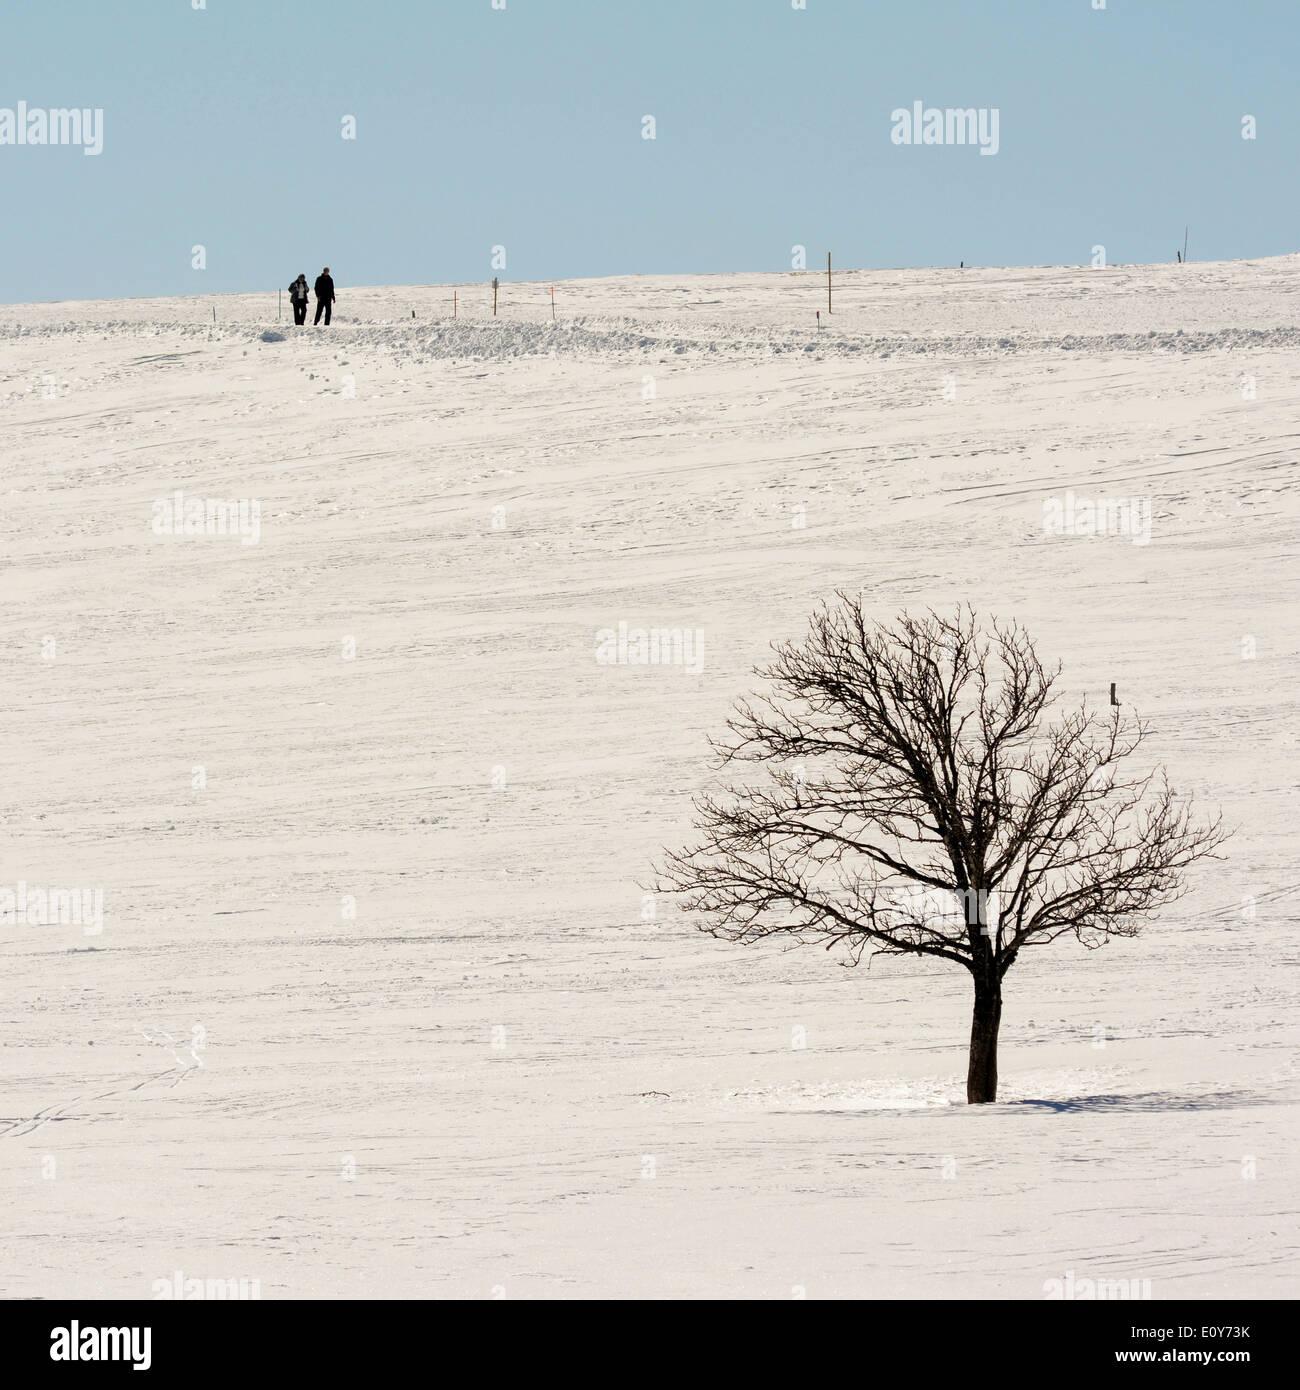 Two walkers in a winter scene landscape - Stock Image